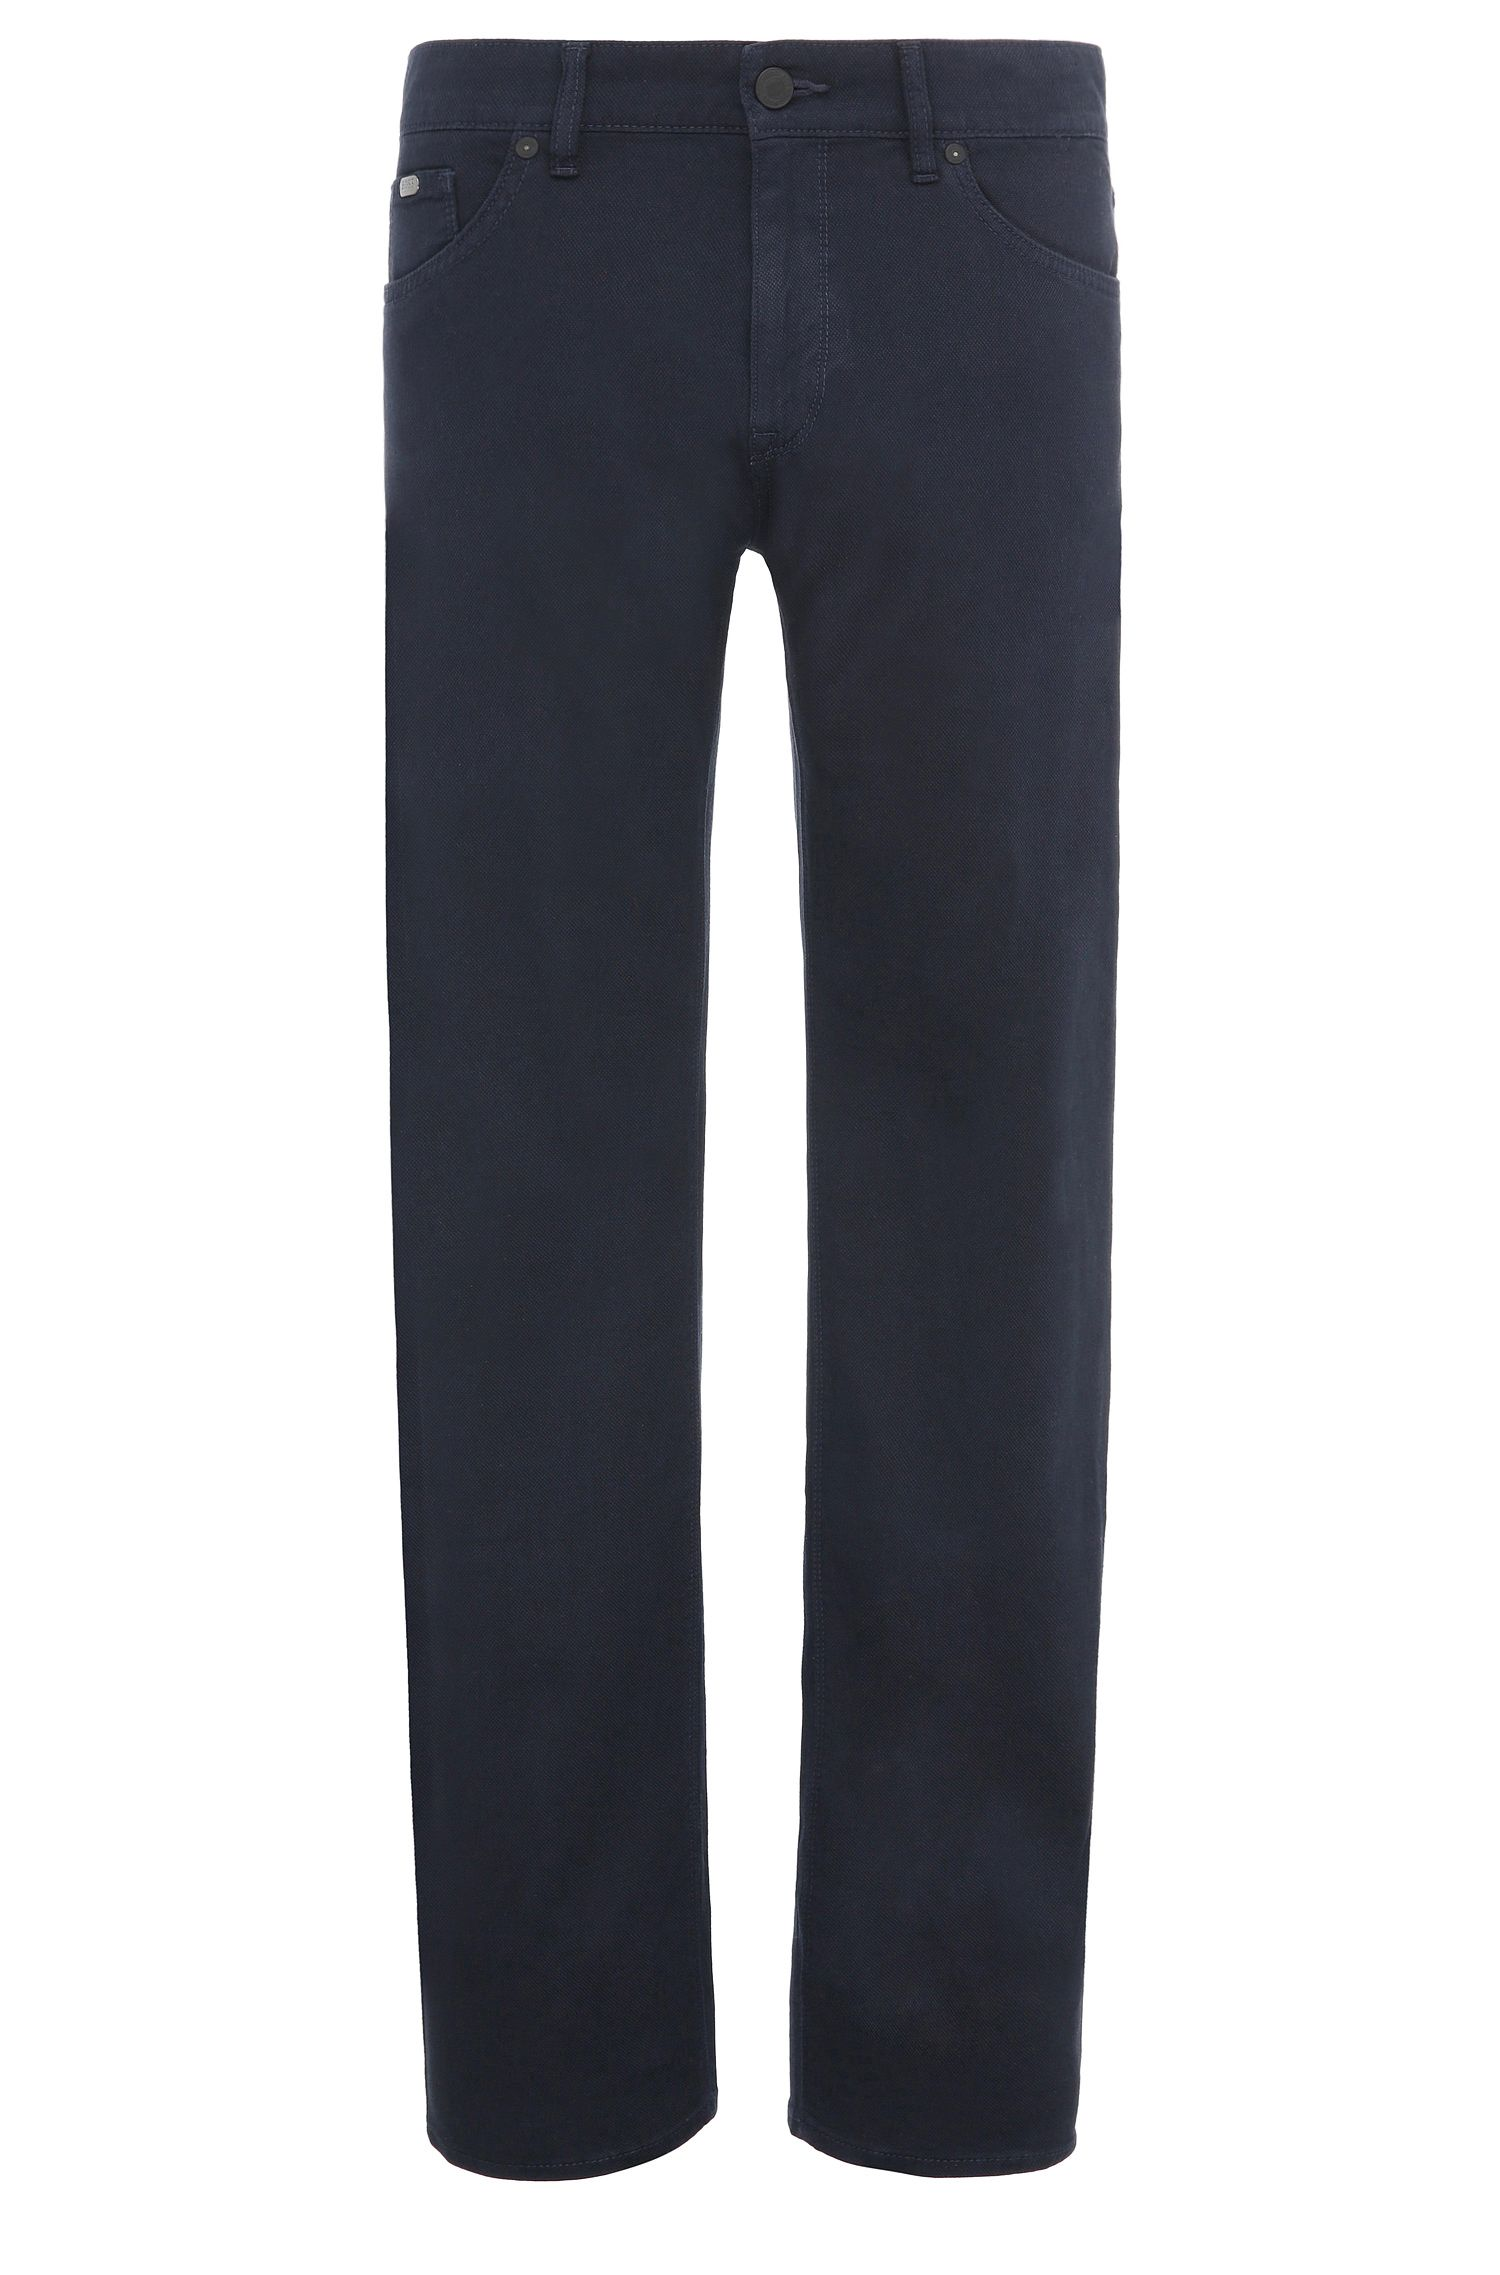 Jeans Regular Fit en coton stretch: «C-Maine1-2-20»